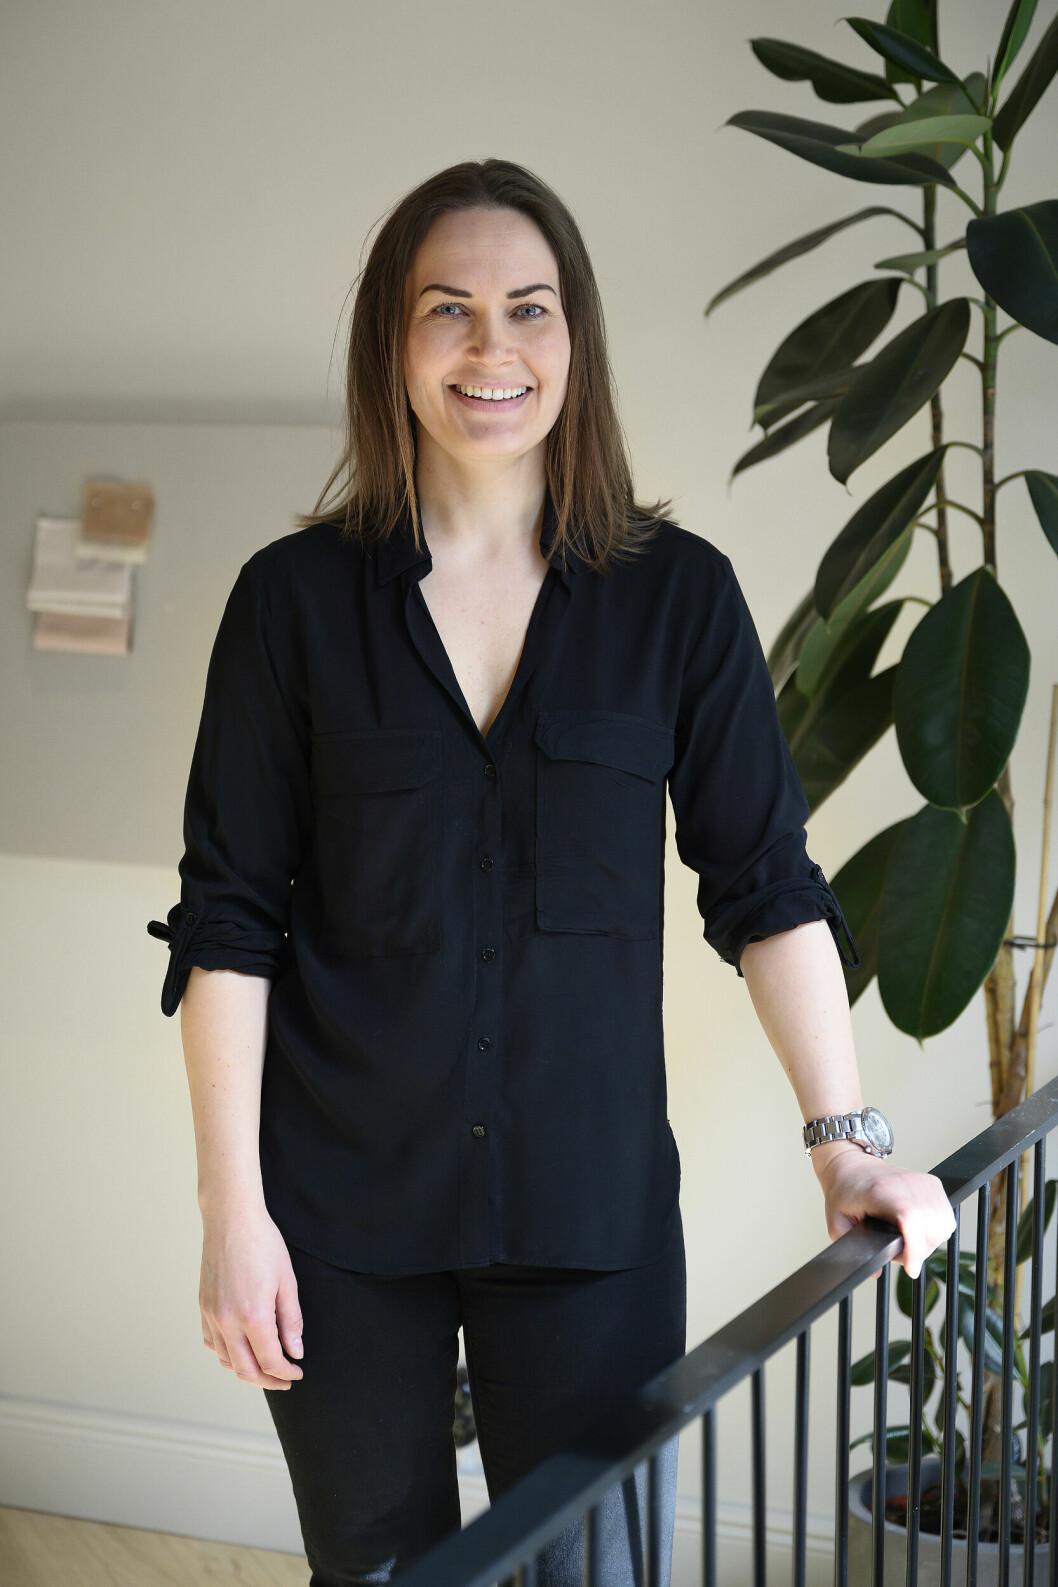 Natalie Strömberg är grundare och ägare av Refine Design Studio.